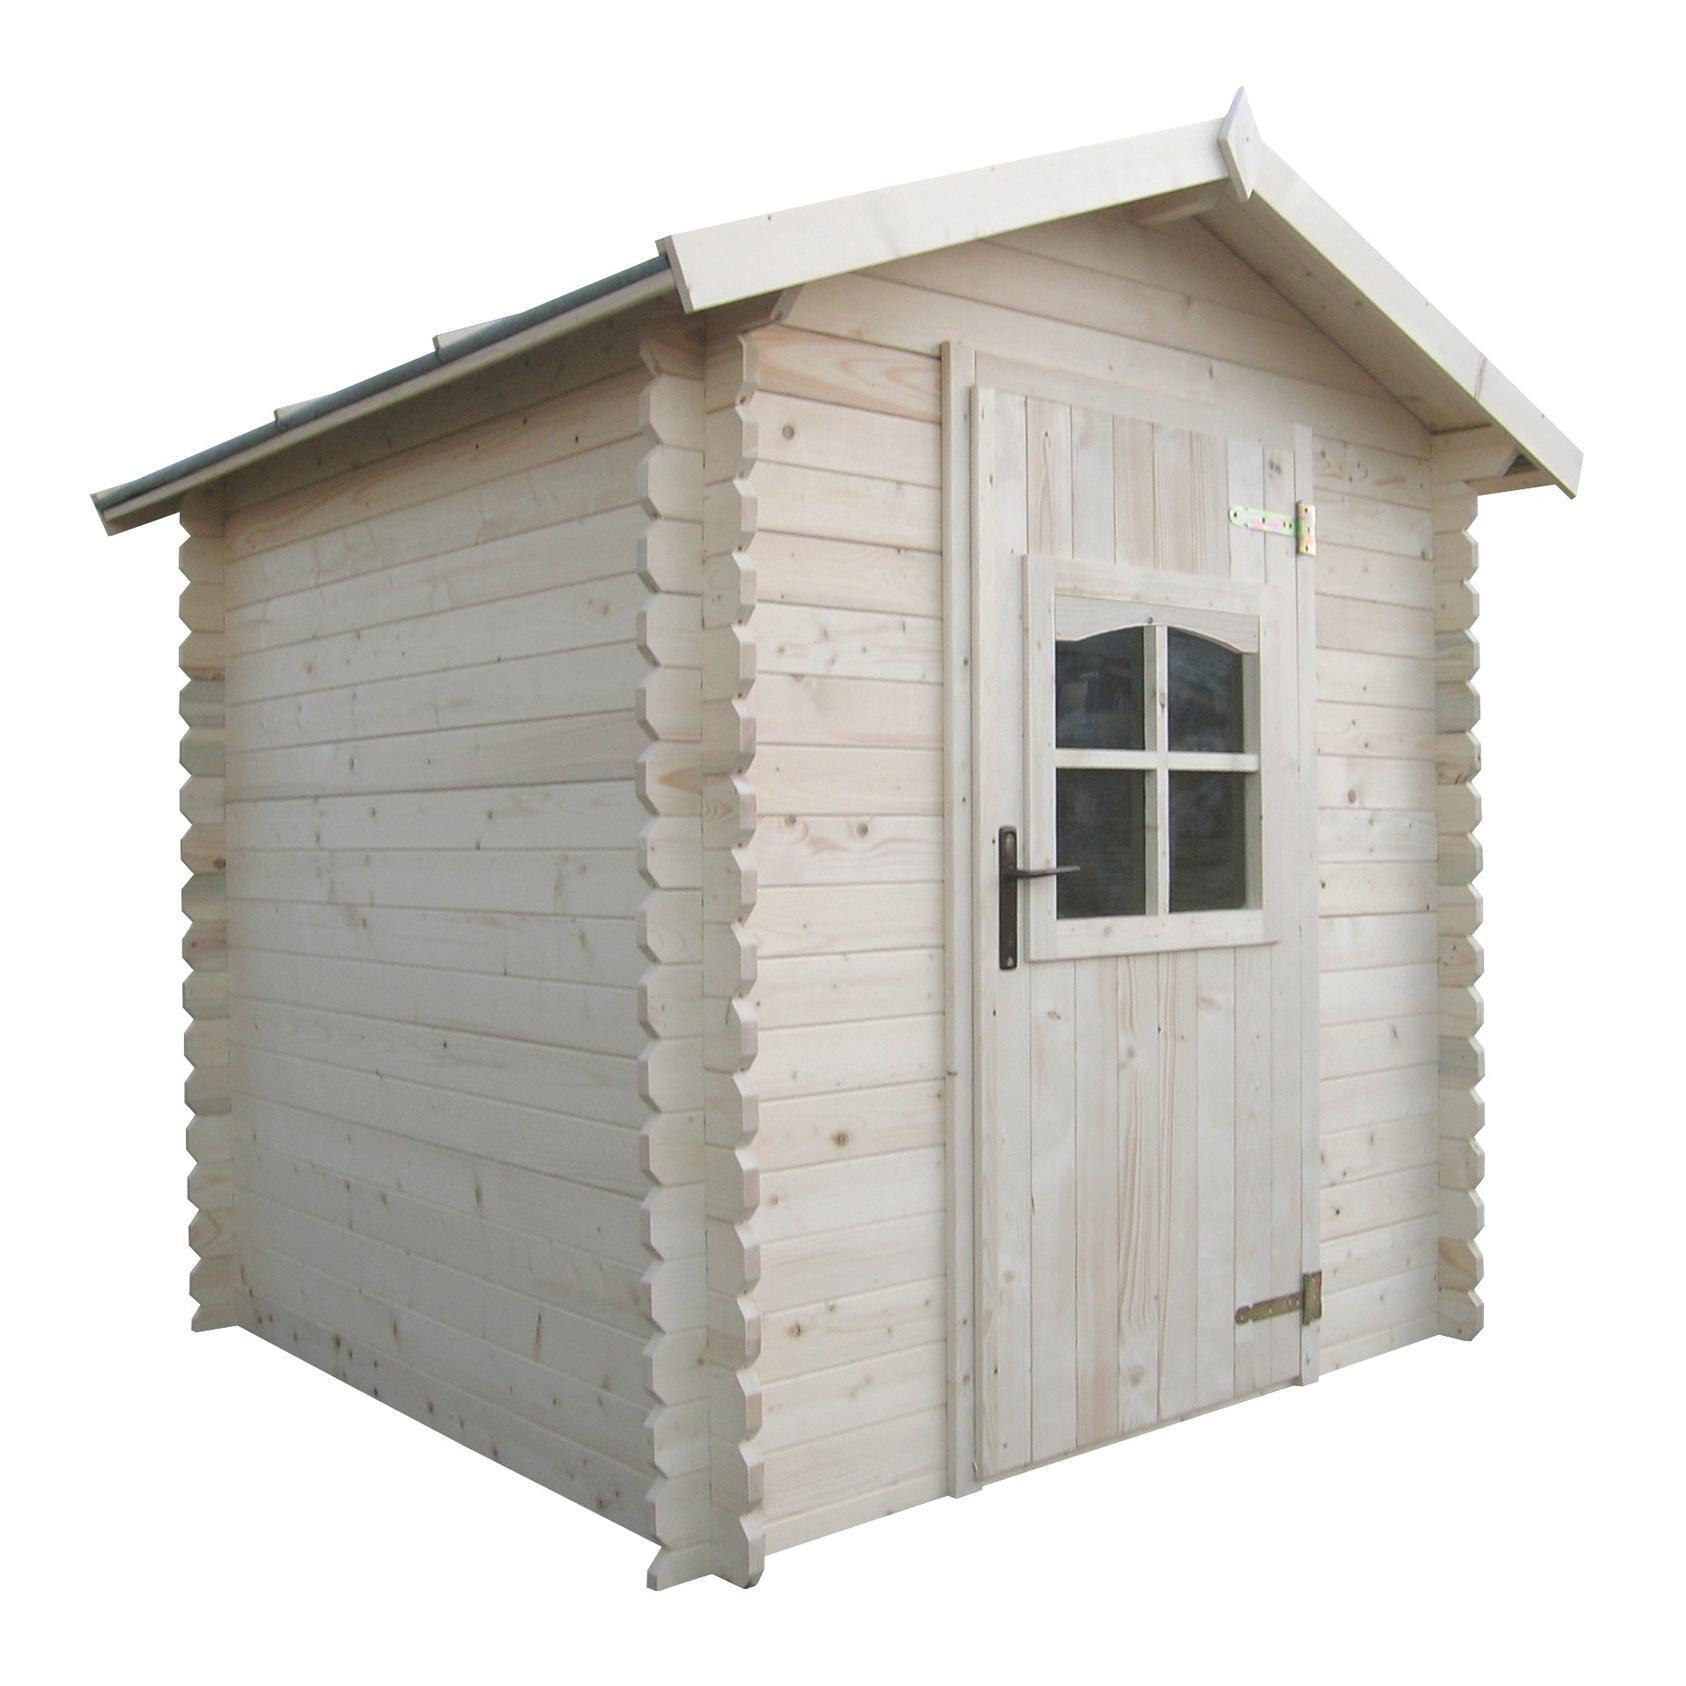 Casetta da giardino in legno Almaty, superficie interna 3.04 m² e spessore parete 28 mm - 1